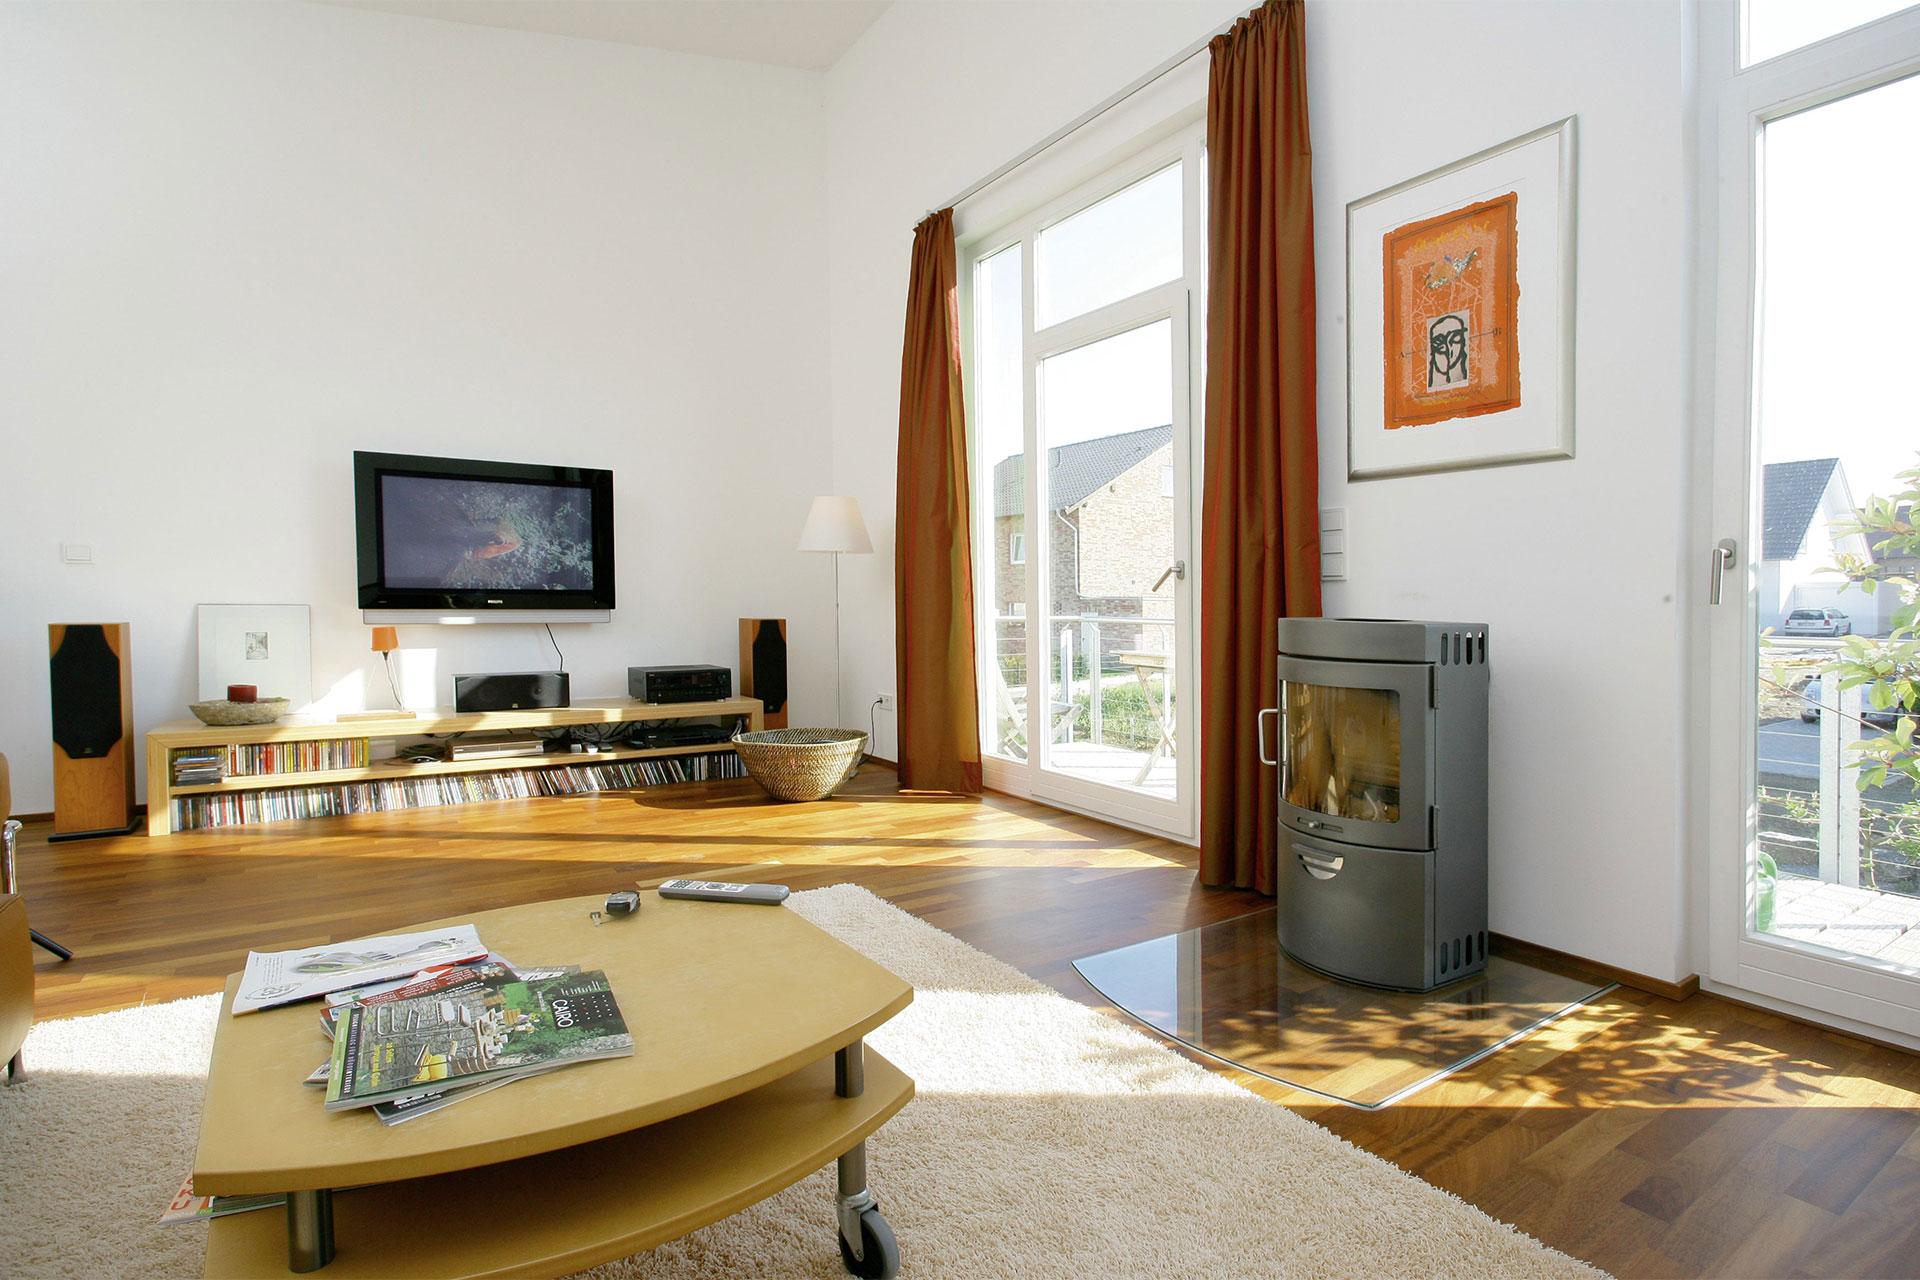 fertighaus mit pultdach und individueller wohnraumaufteilungmassgeschneidertes pultdach einfamilienhaus frankenberg ein fertighaus von gussek haus